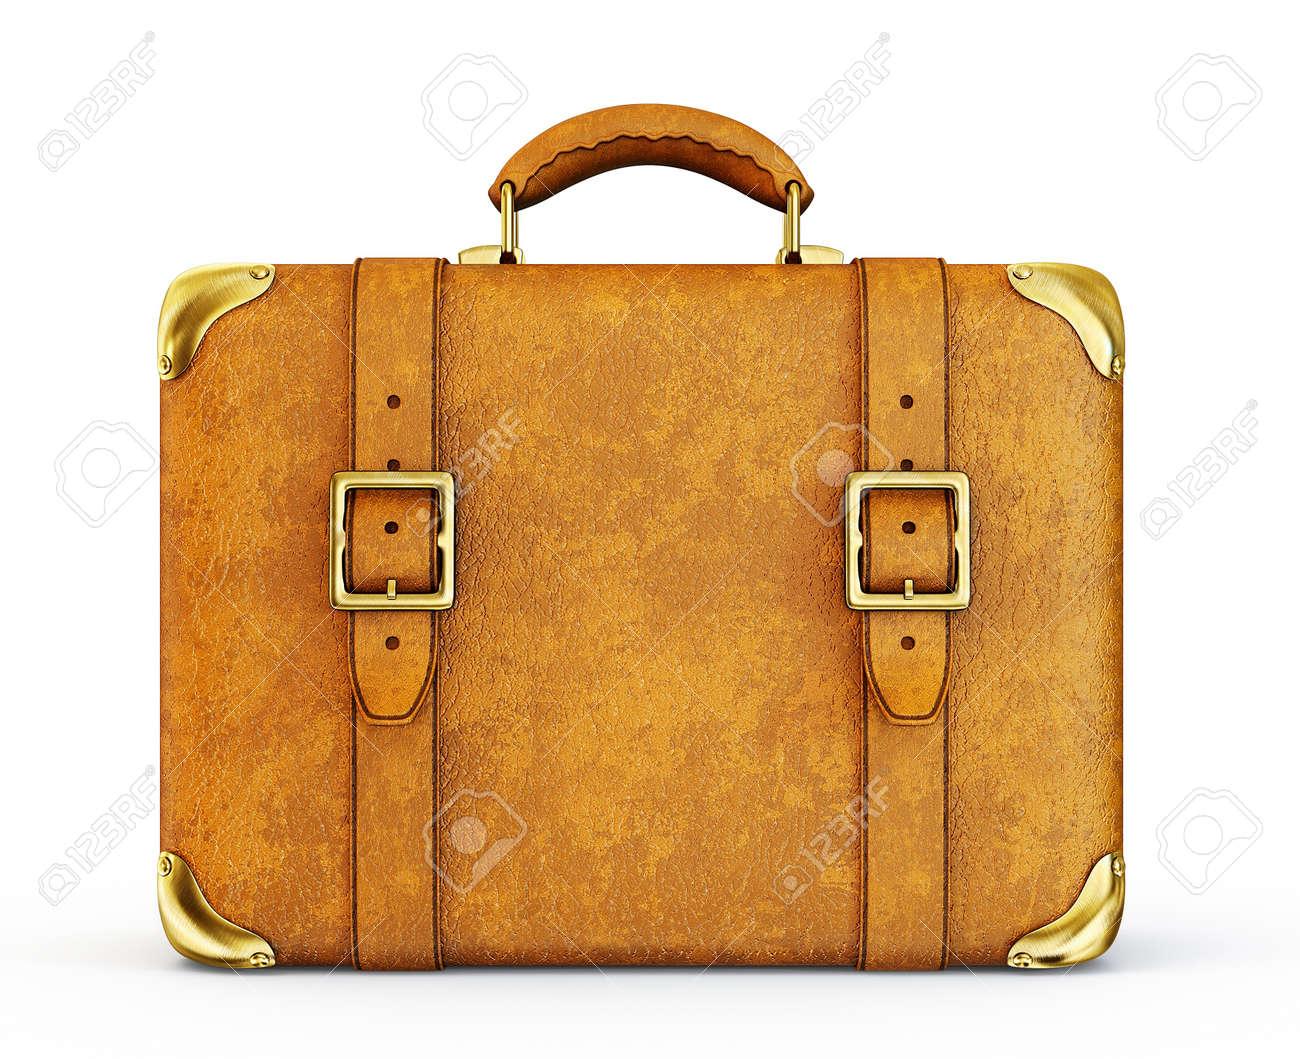 Verrassend Retro-Koffer Auf Einem Weißen Hintergrund Lizenzfreie Fotos WB-12